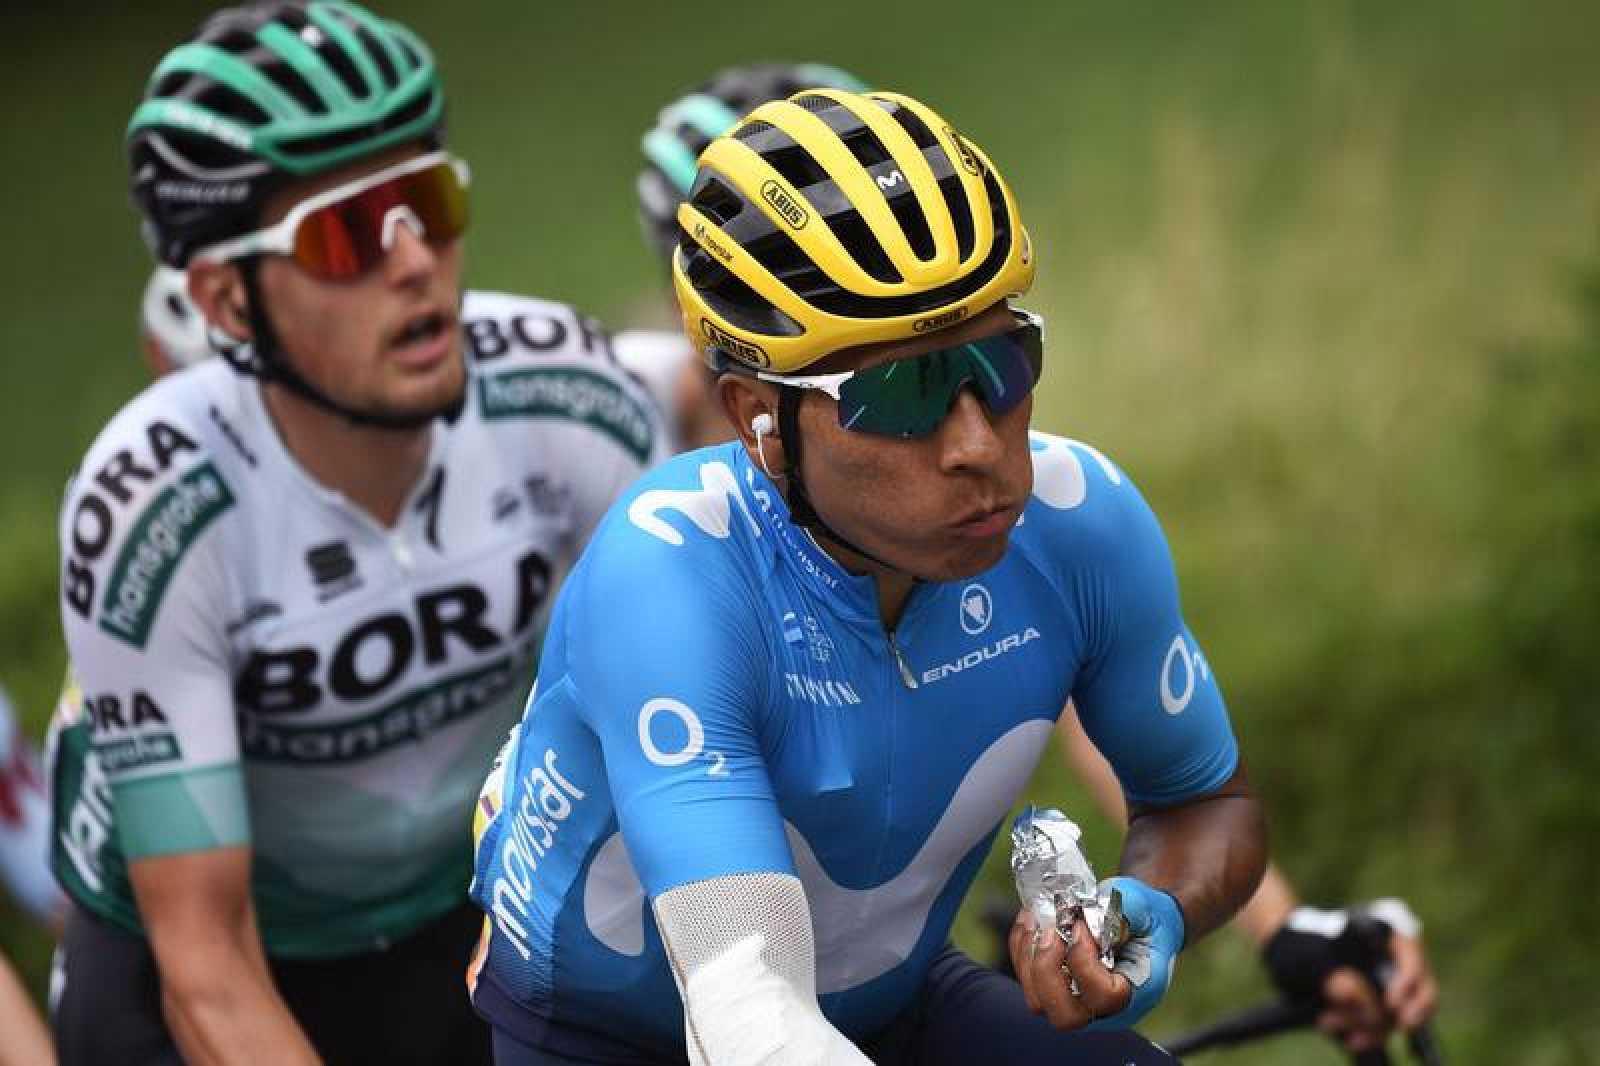 Nairo Quintana cede en el Tourmalet y Valverde ve clara la jefatura de filas